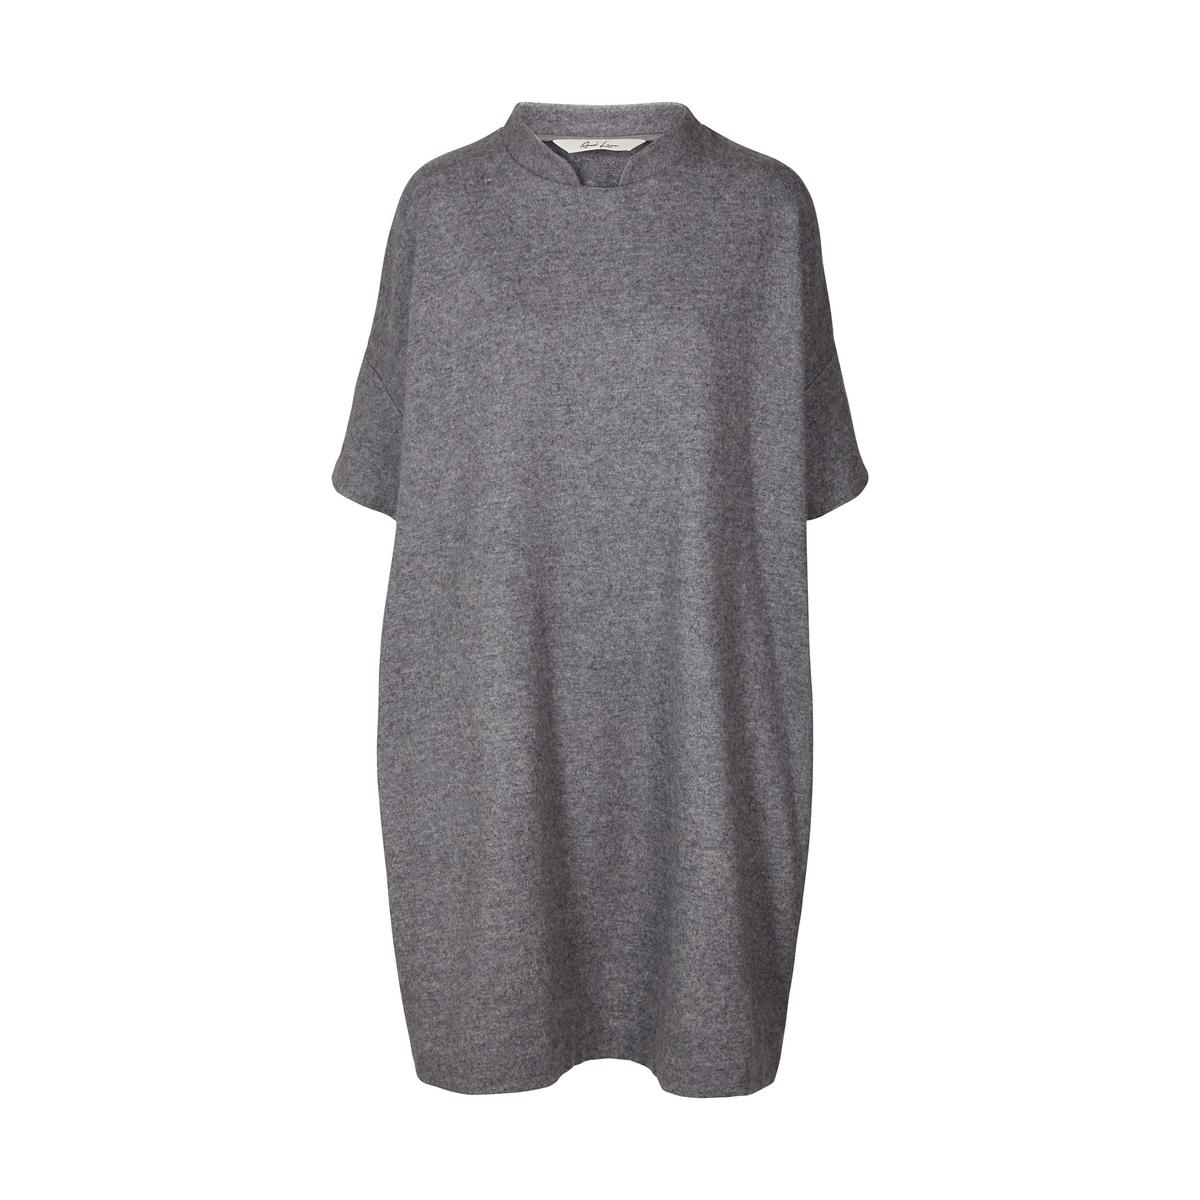 Платье свободного покроя из шерсти с короткими рукавами и воротником-стойкой